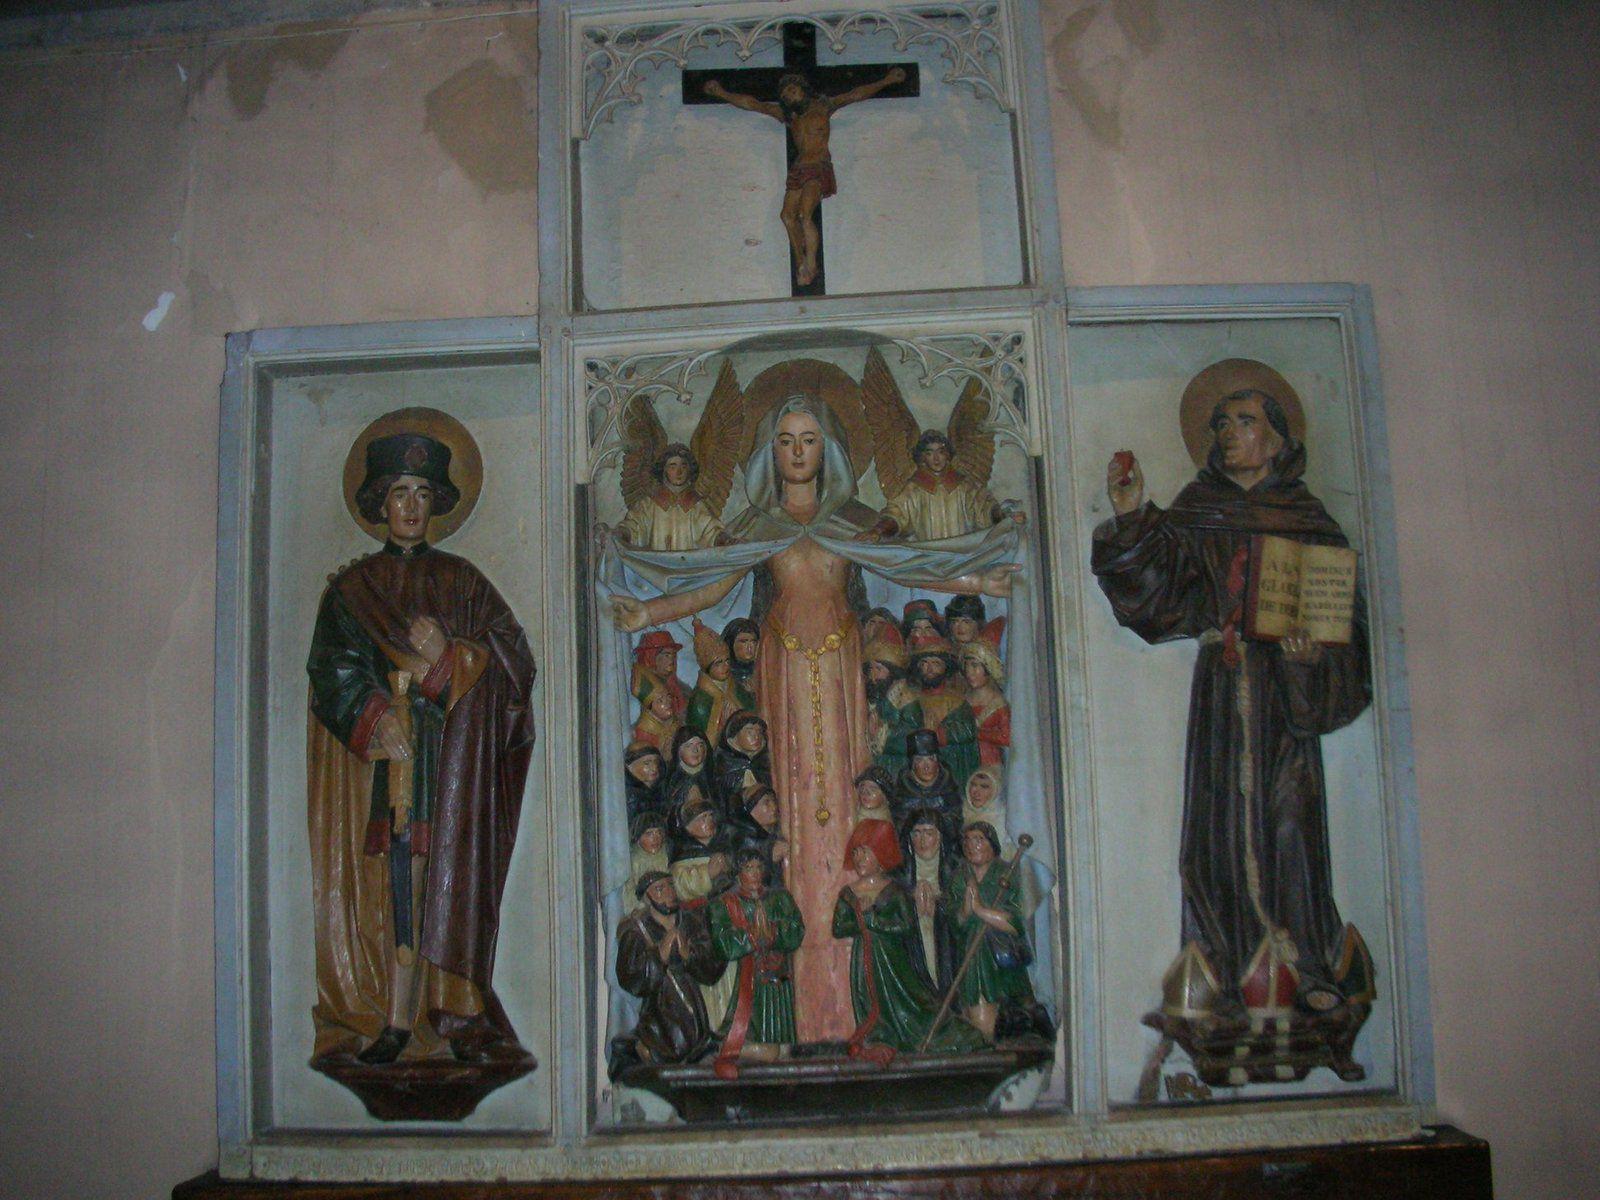 Le retable de Lagnieu est un témoignage de l'essor de l'Observance franciscaine (La vierge protectrice au manteau entre Saint Sébastien et Saint Bernadin de Sienne)